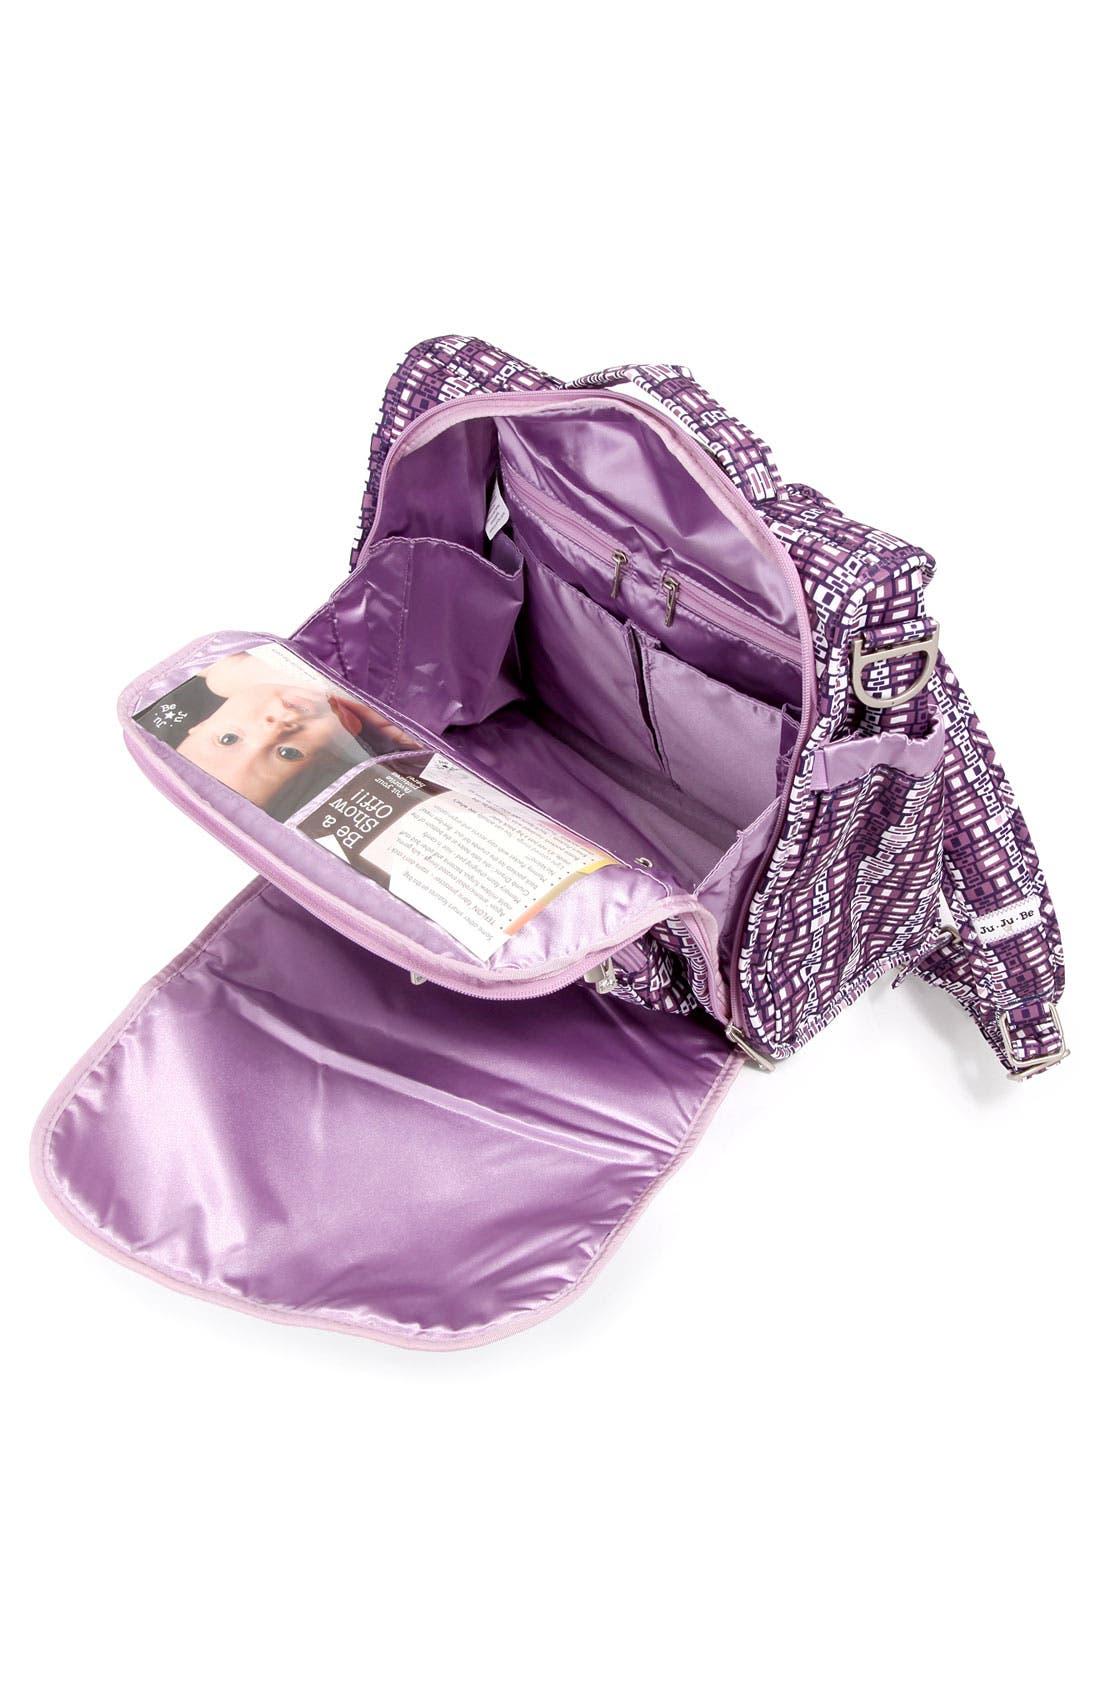 'BFF' Diaper Bag,                             Alternate thumbnail 128, color,